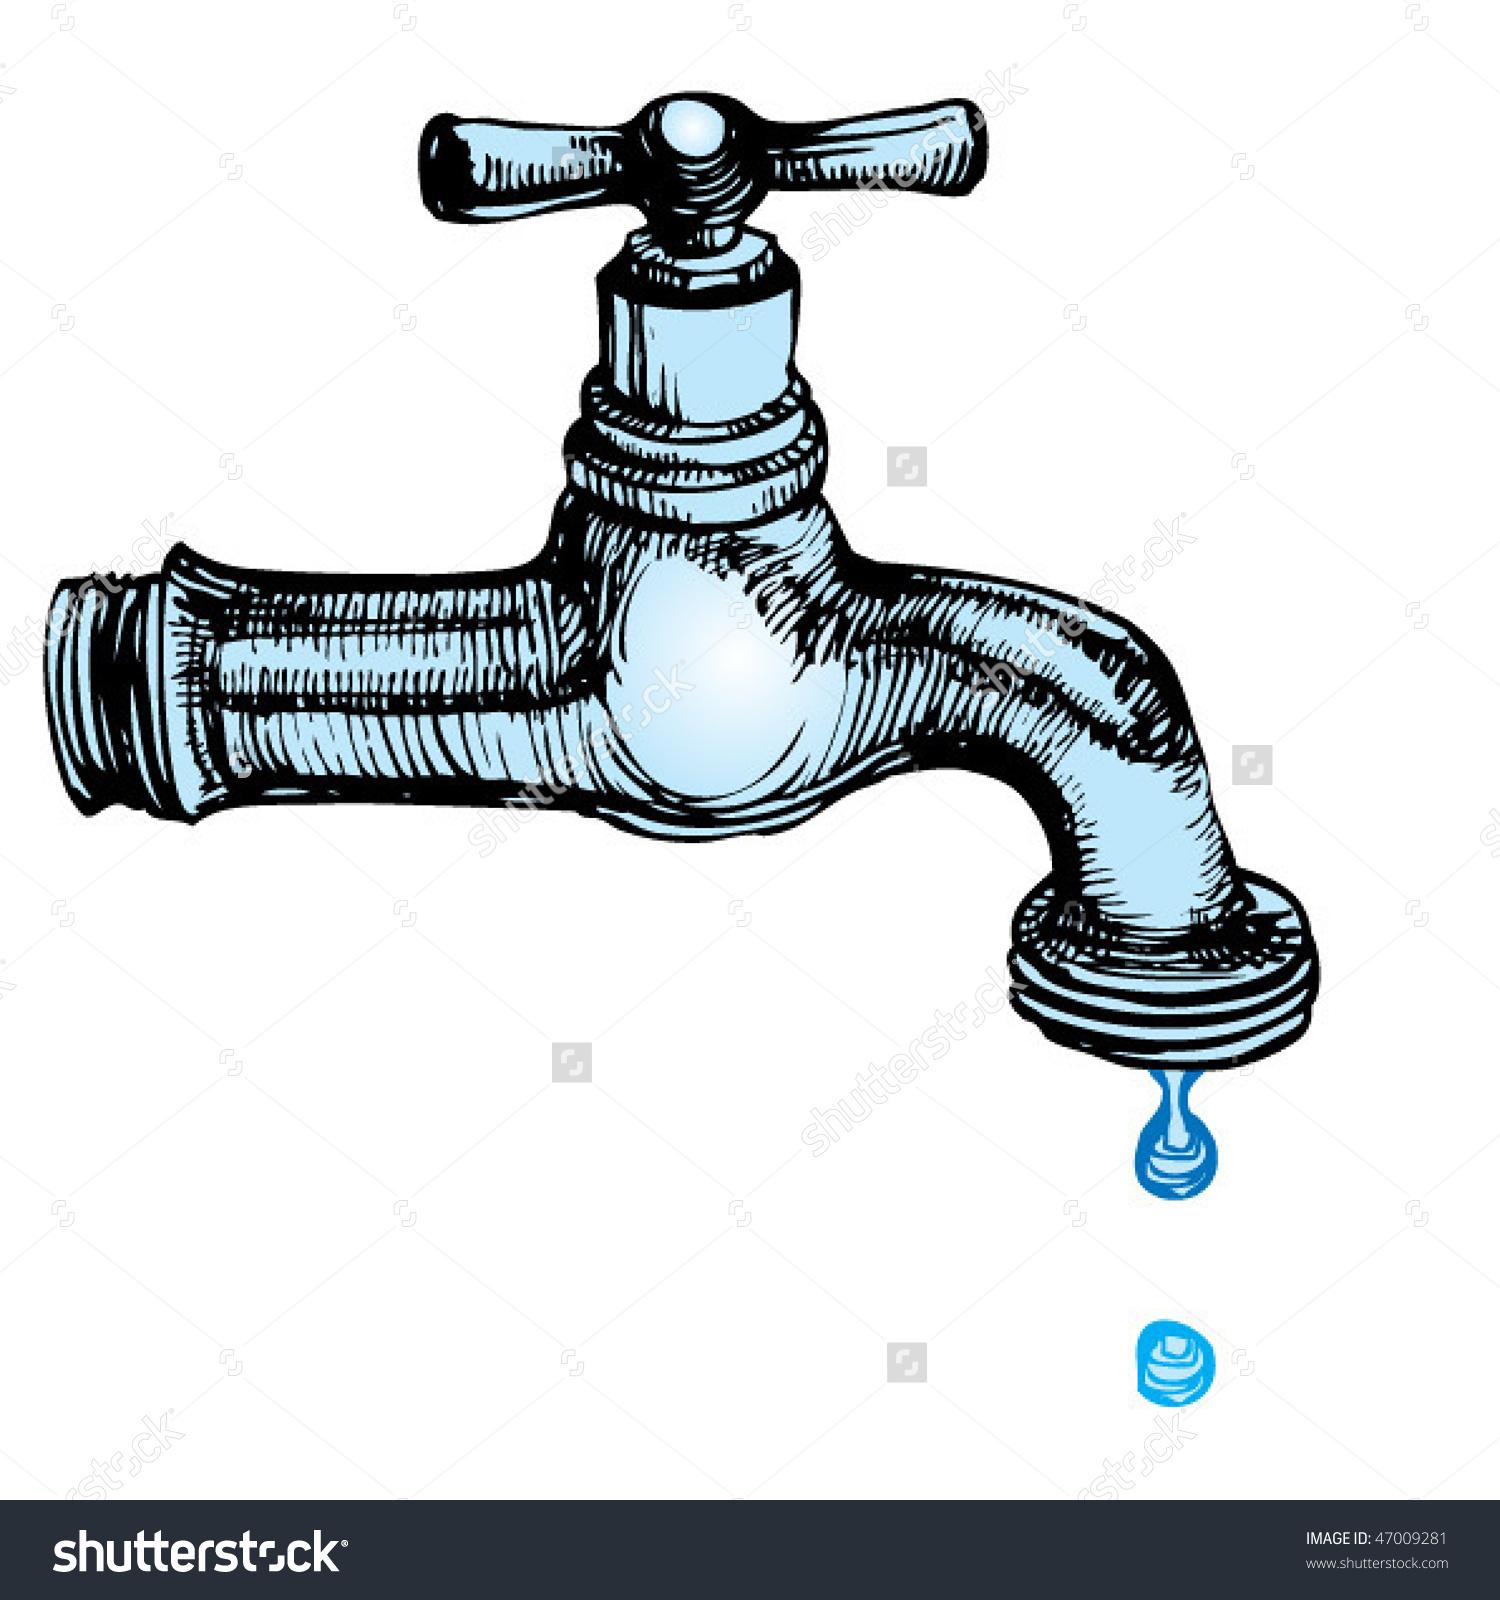 water-spigot-4.jpg